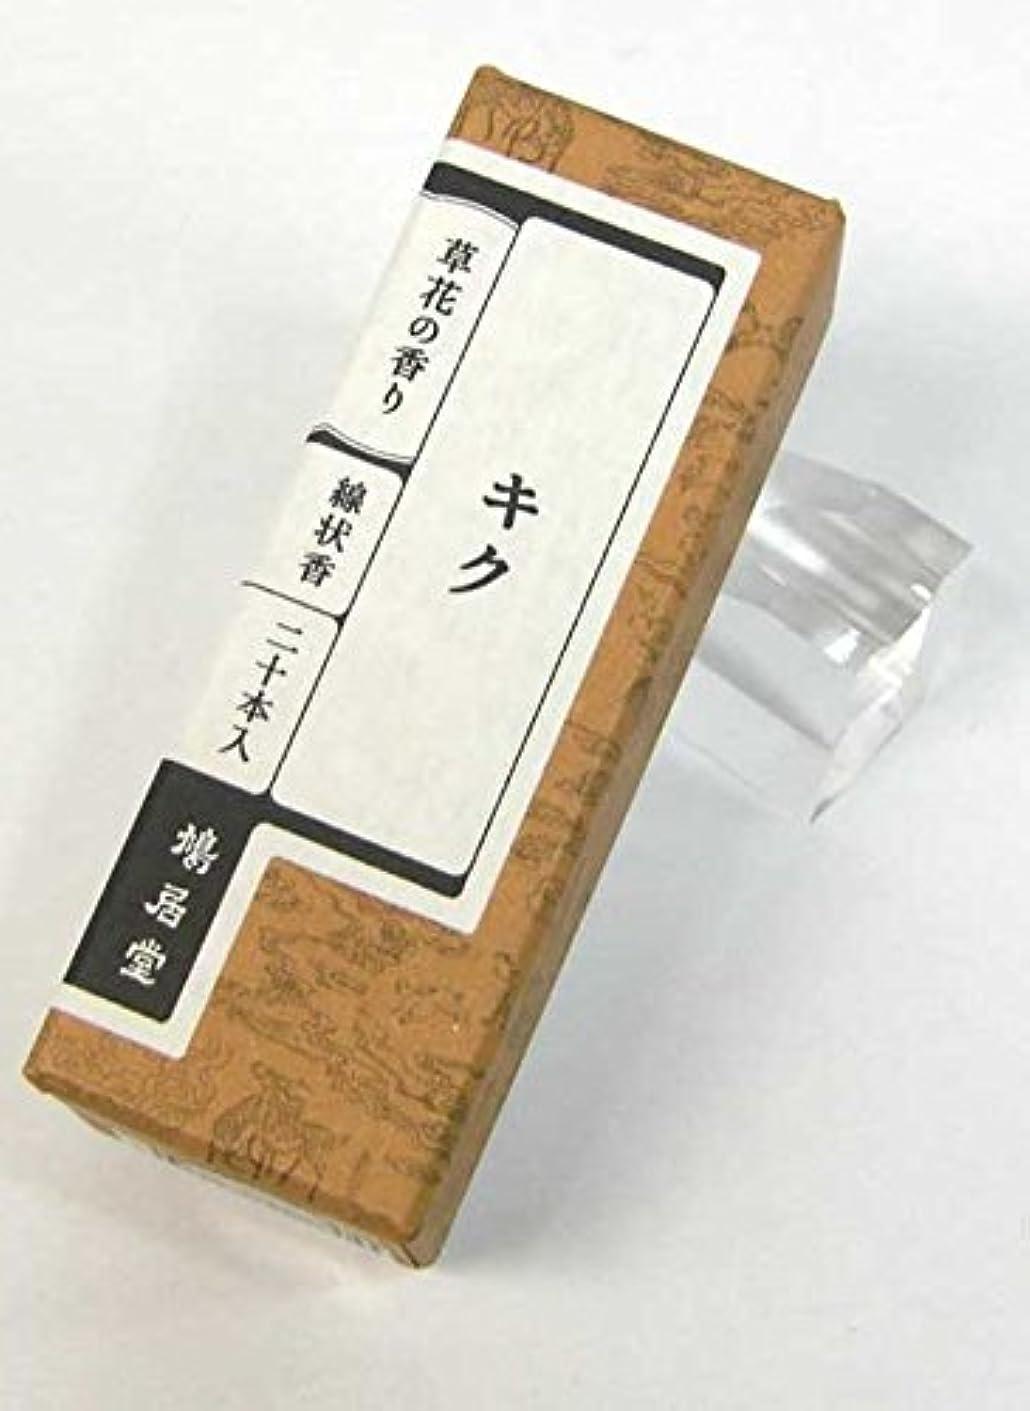 アソシエイト取り付けクリップ鳩居堂 お香 菊/キク 草花の香りシリーズ スティックタイプ(棒状香)20本いり